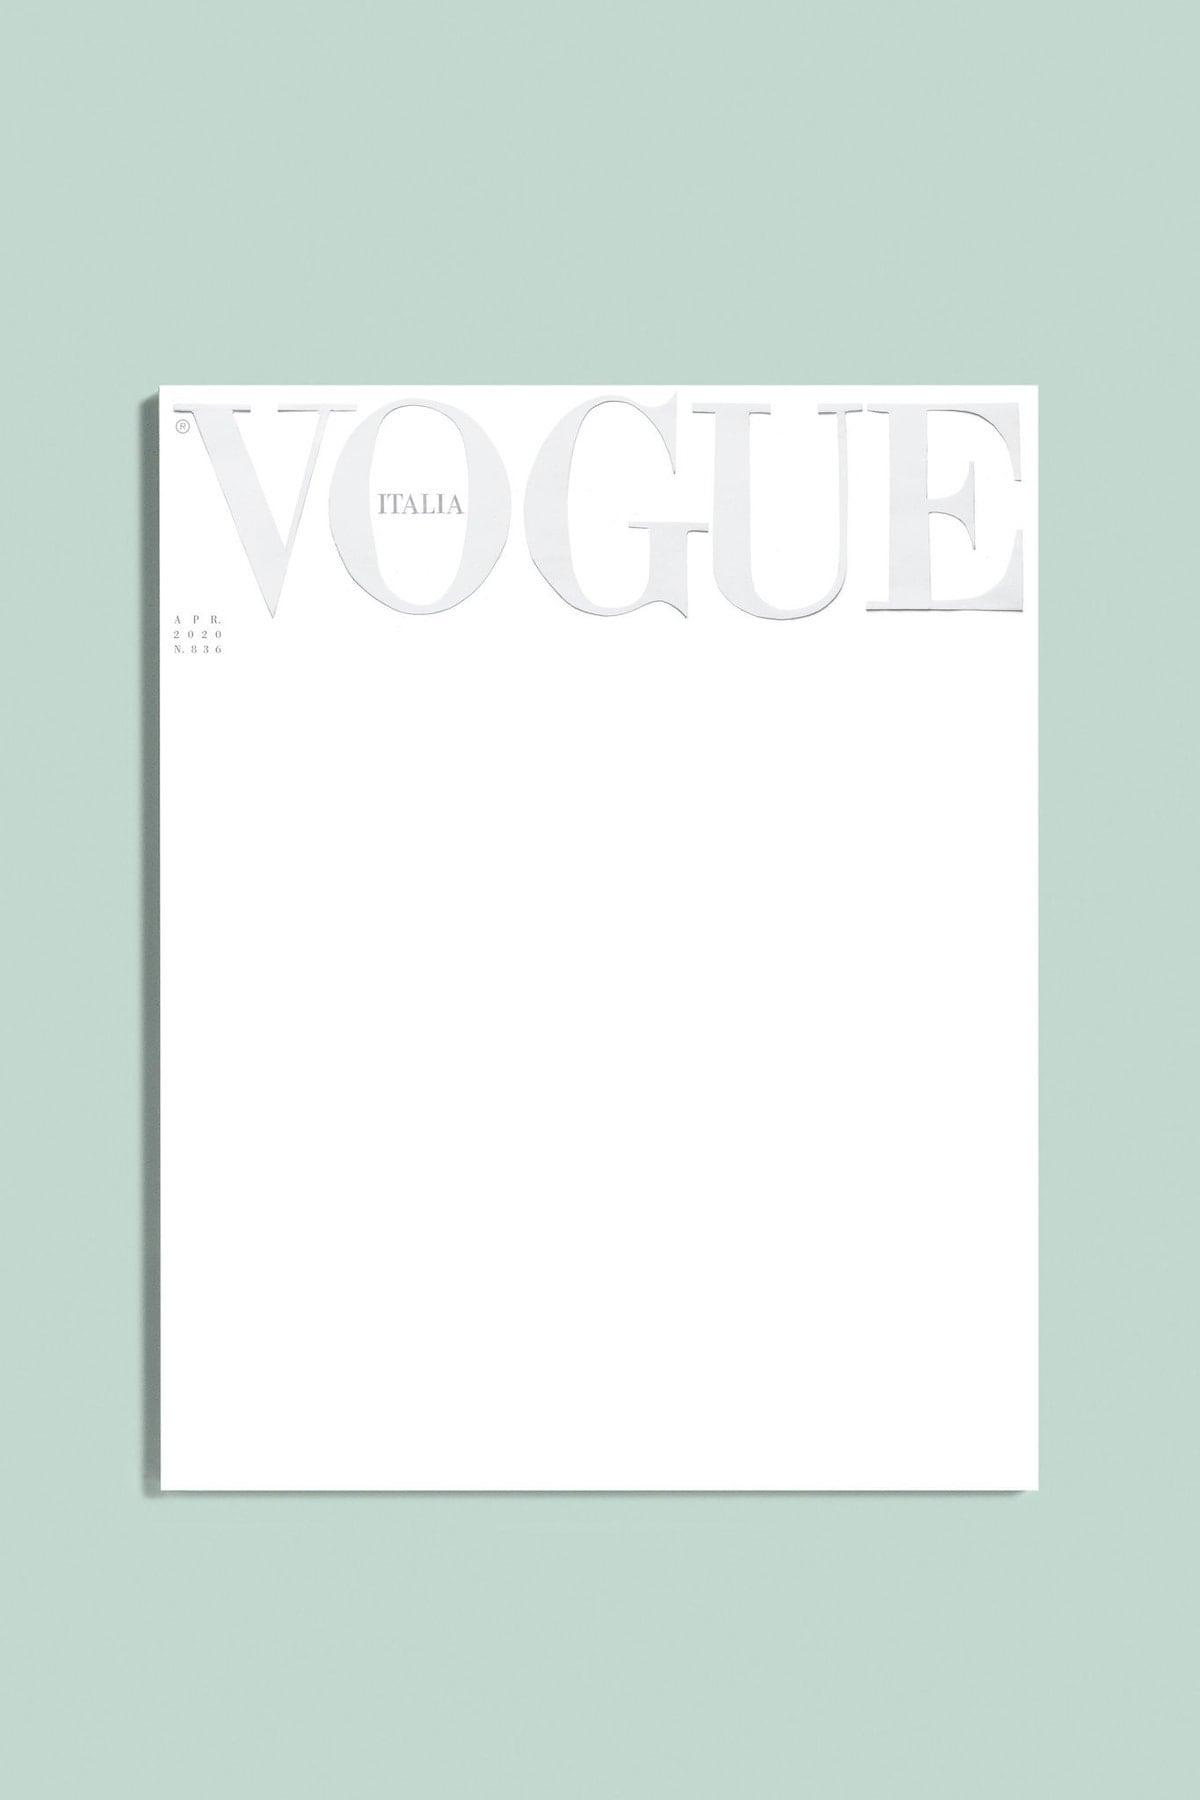 Trang bìa trắng của Vogue Italia.